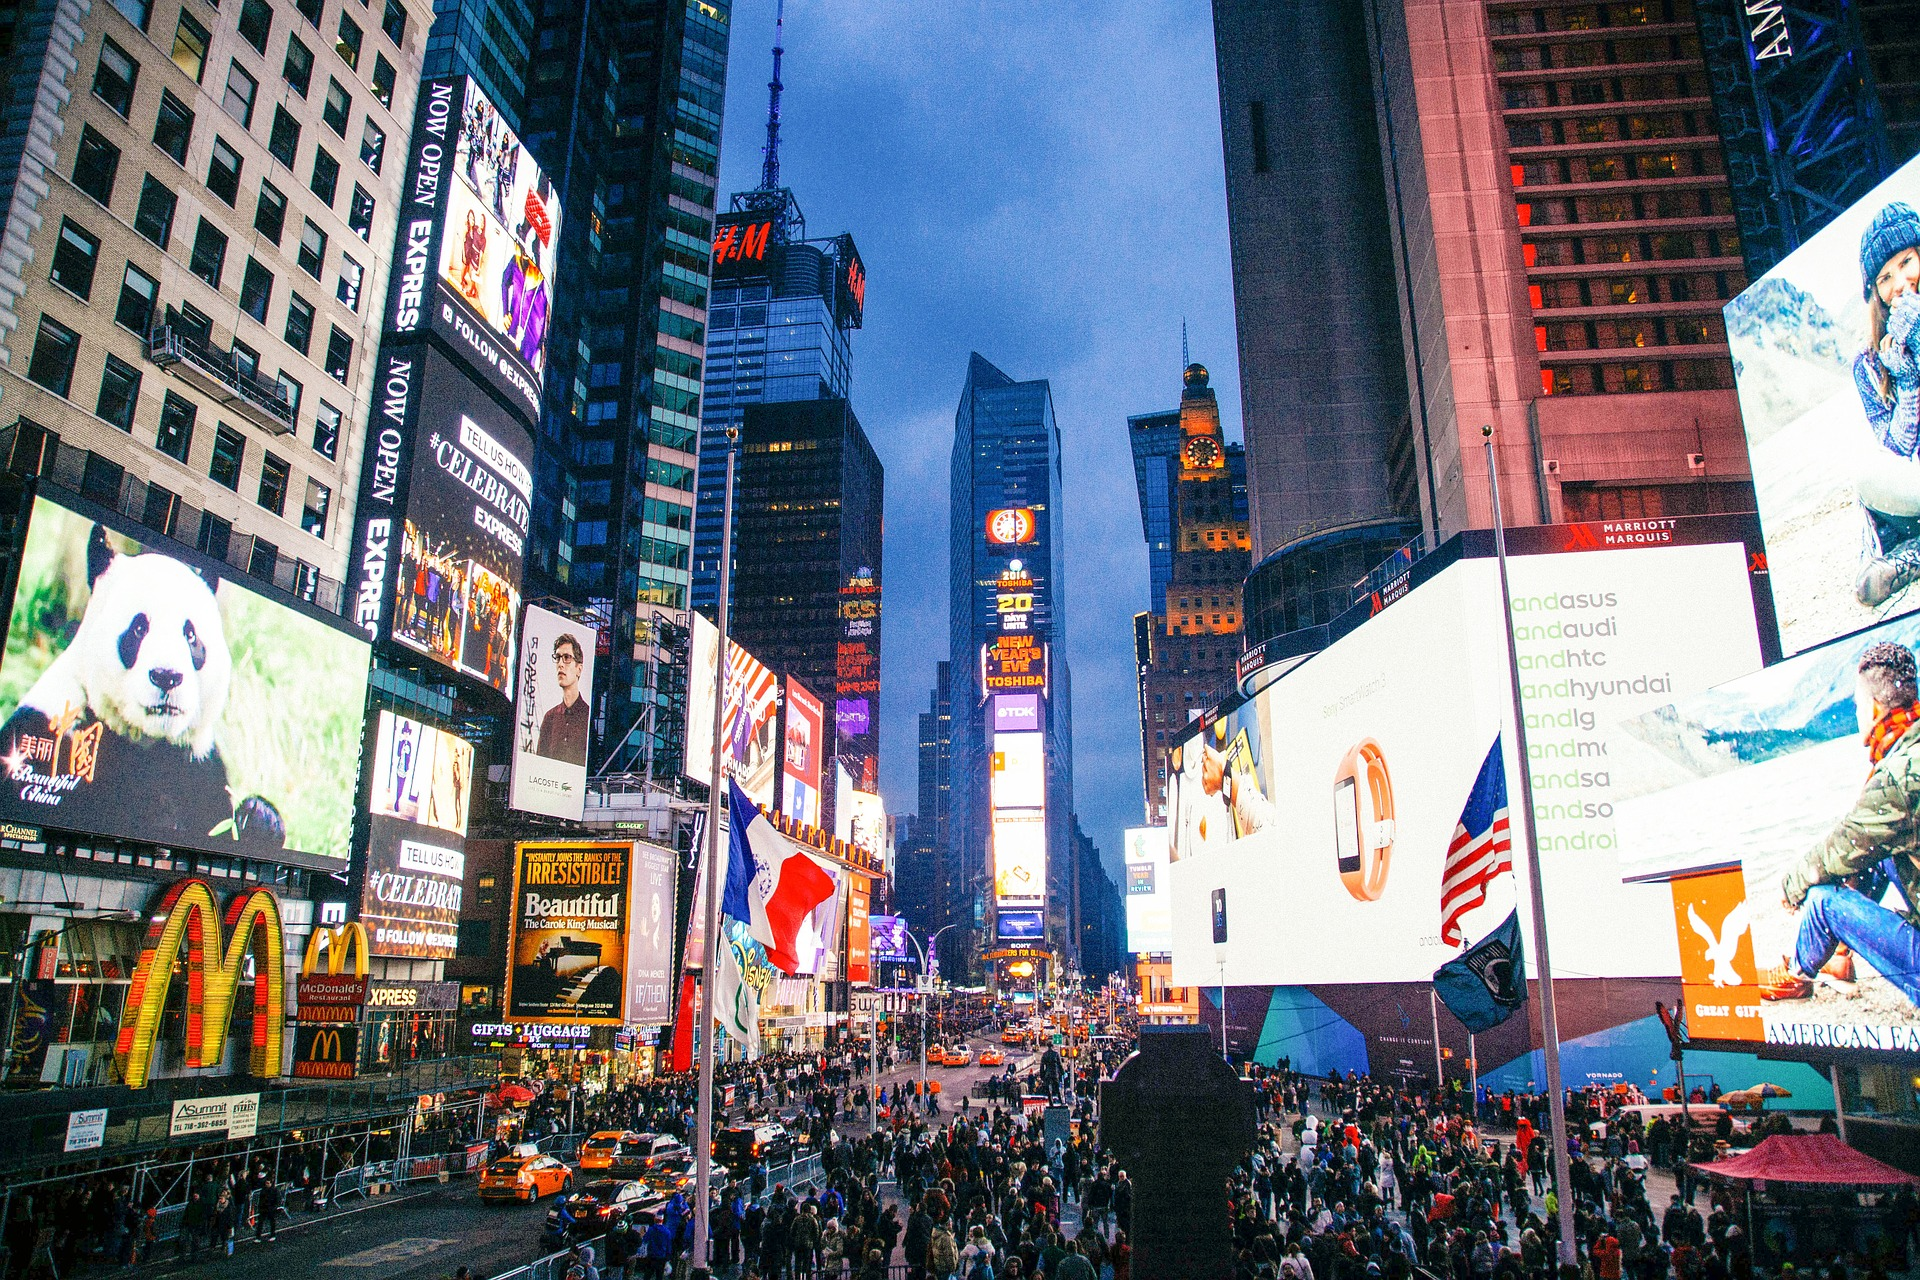 Time Square, New York City, USA